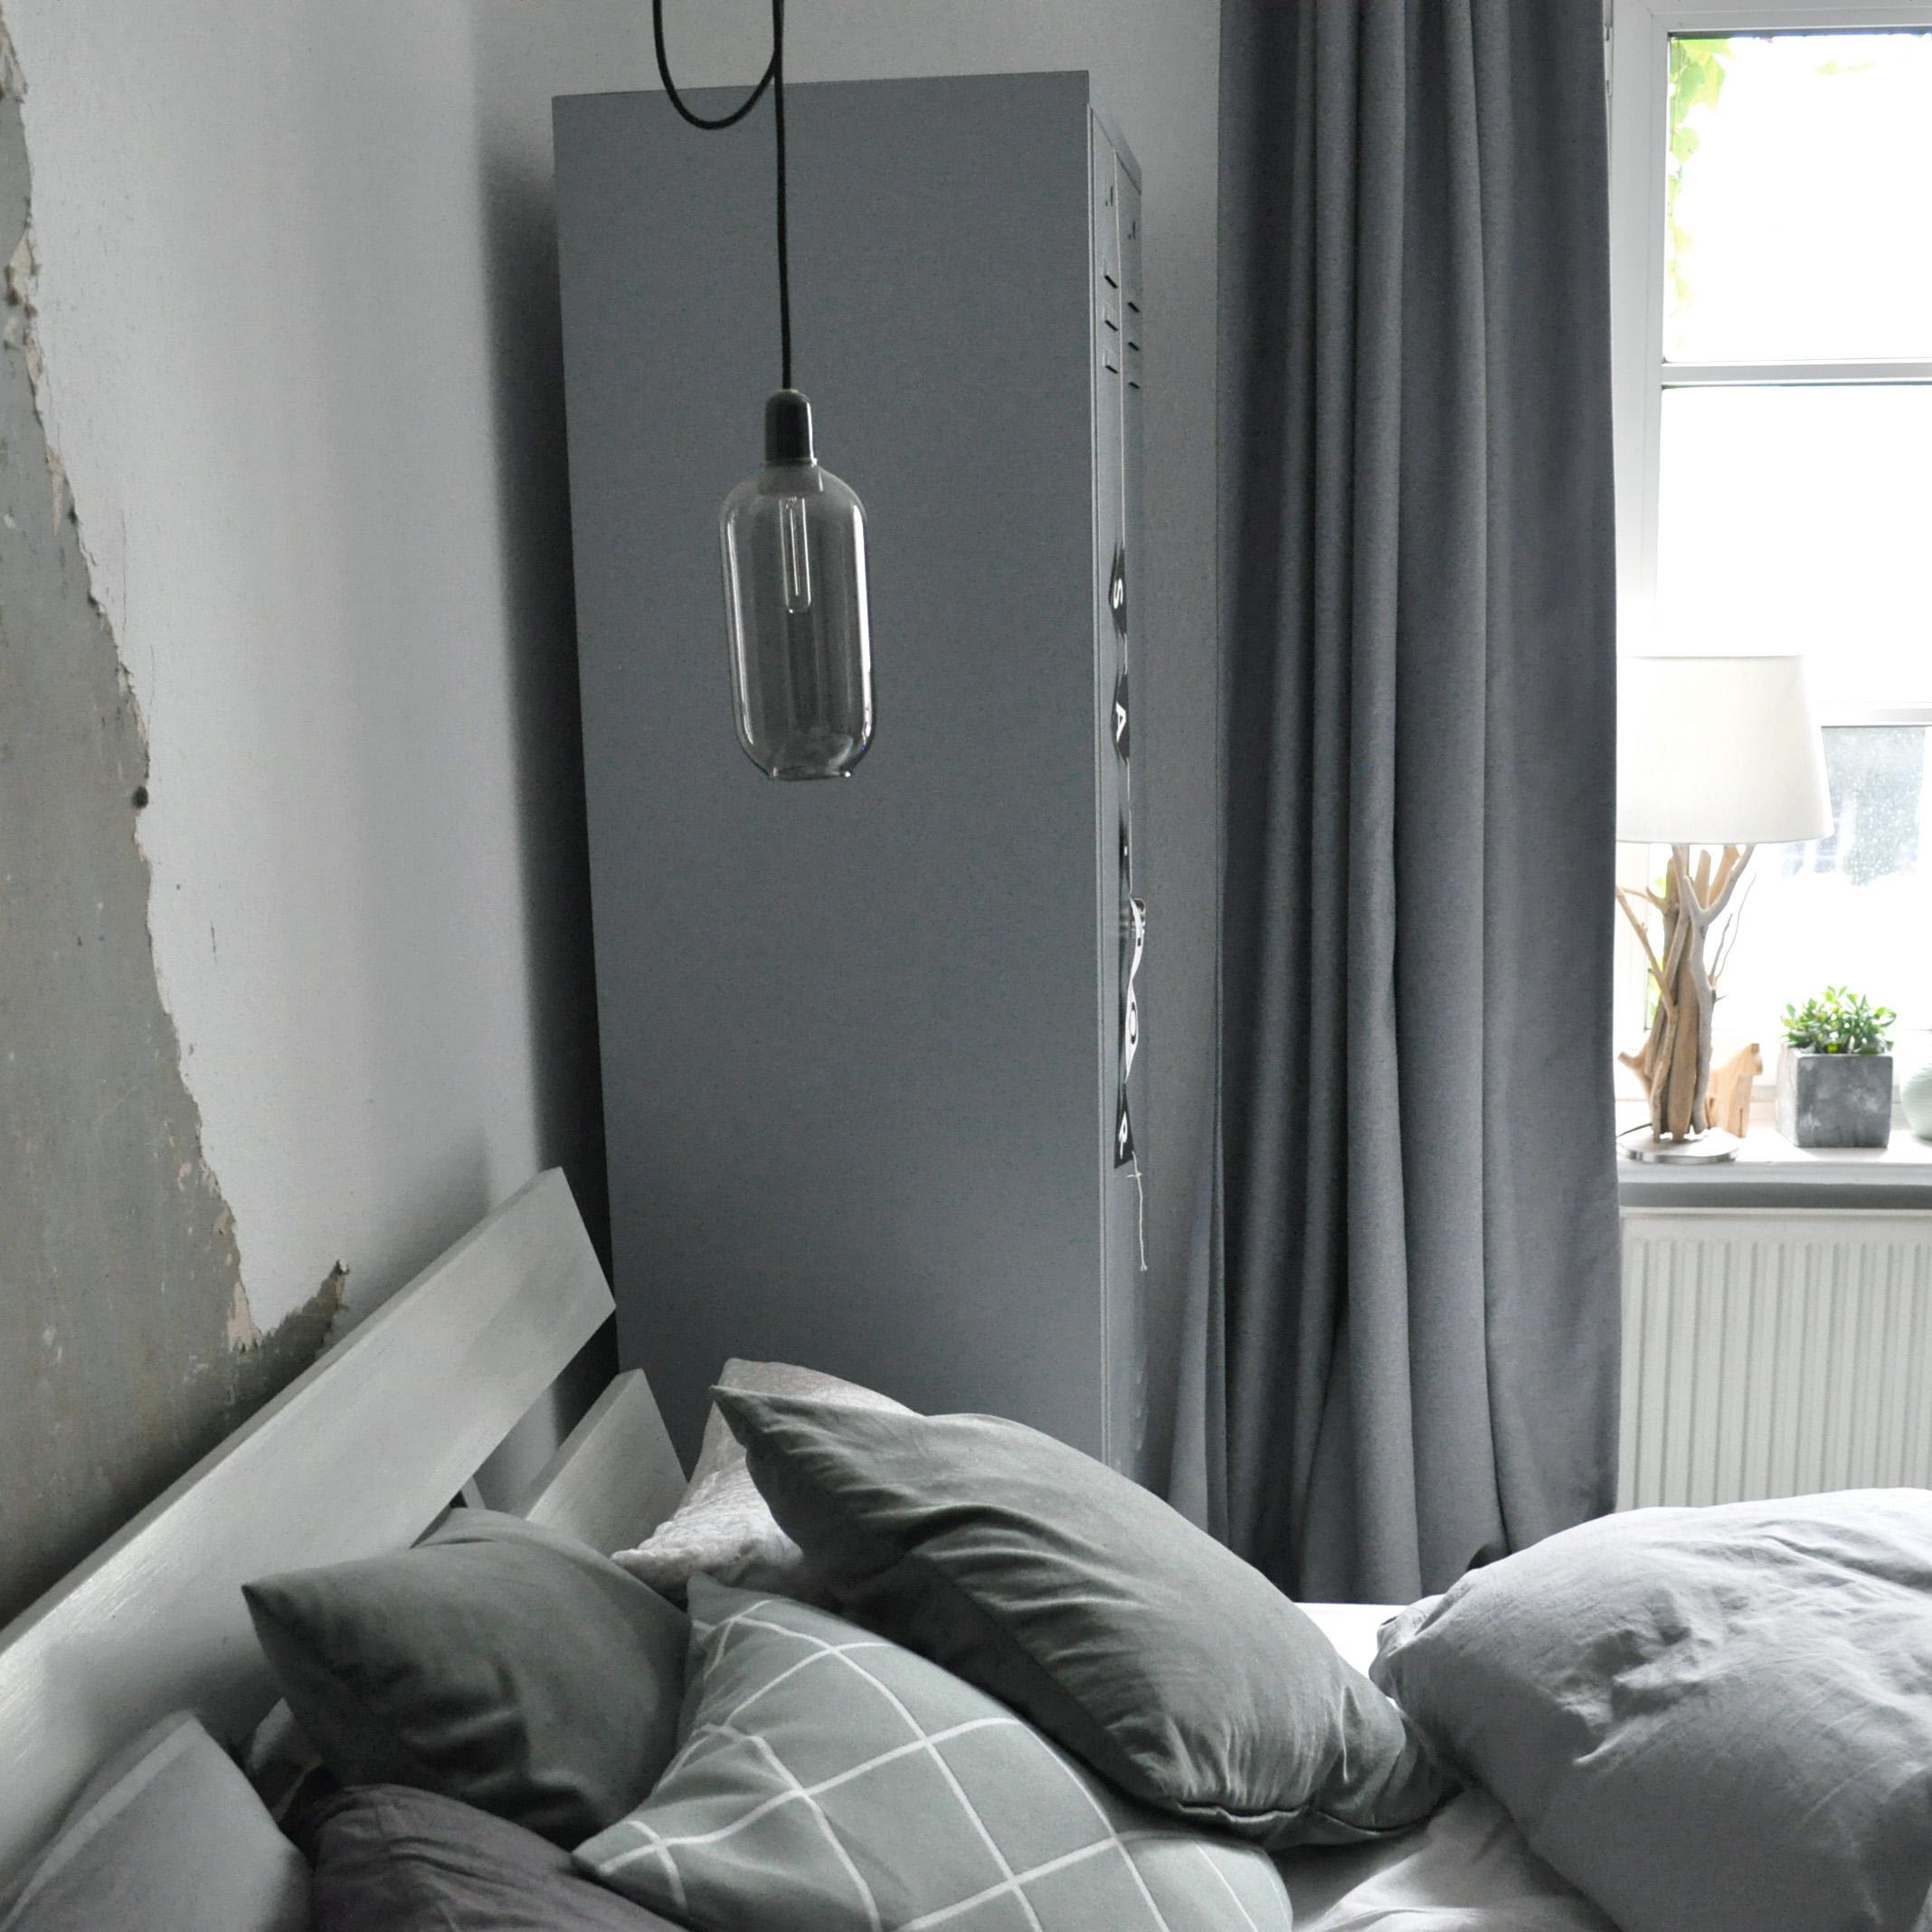 Full Size of Lampe Für Schlafzimmer Grau Bett Kissen Couch Luxus Stehlampe Deckenlampe Hotel Fürstenhof Bad Griesbach Landhaus Deckenleuchten Insektenschutz Fenster Stuhl Wohnzimmer Lampe Für Schlafzimmer